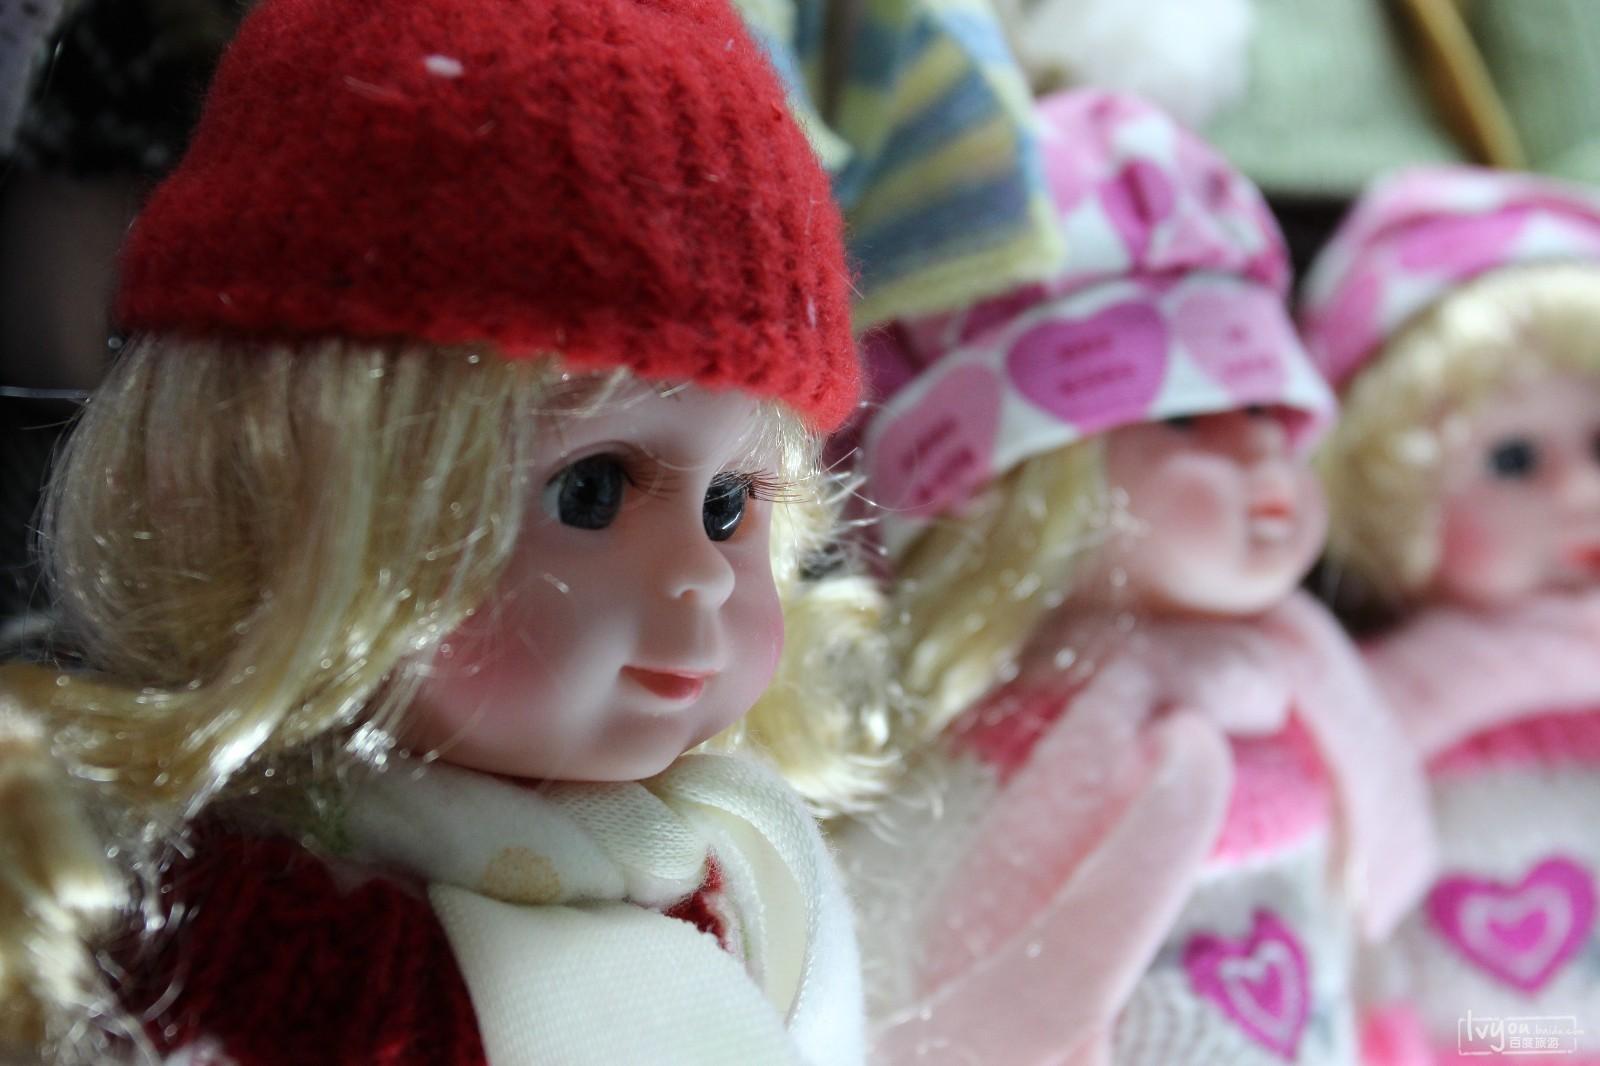 可爱的小娃娃玩具